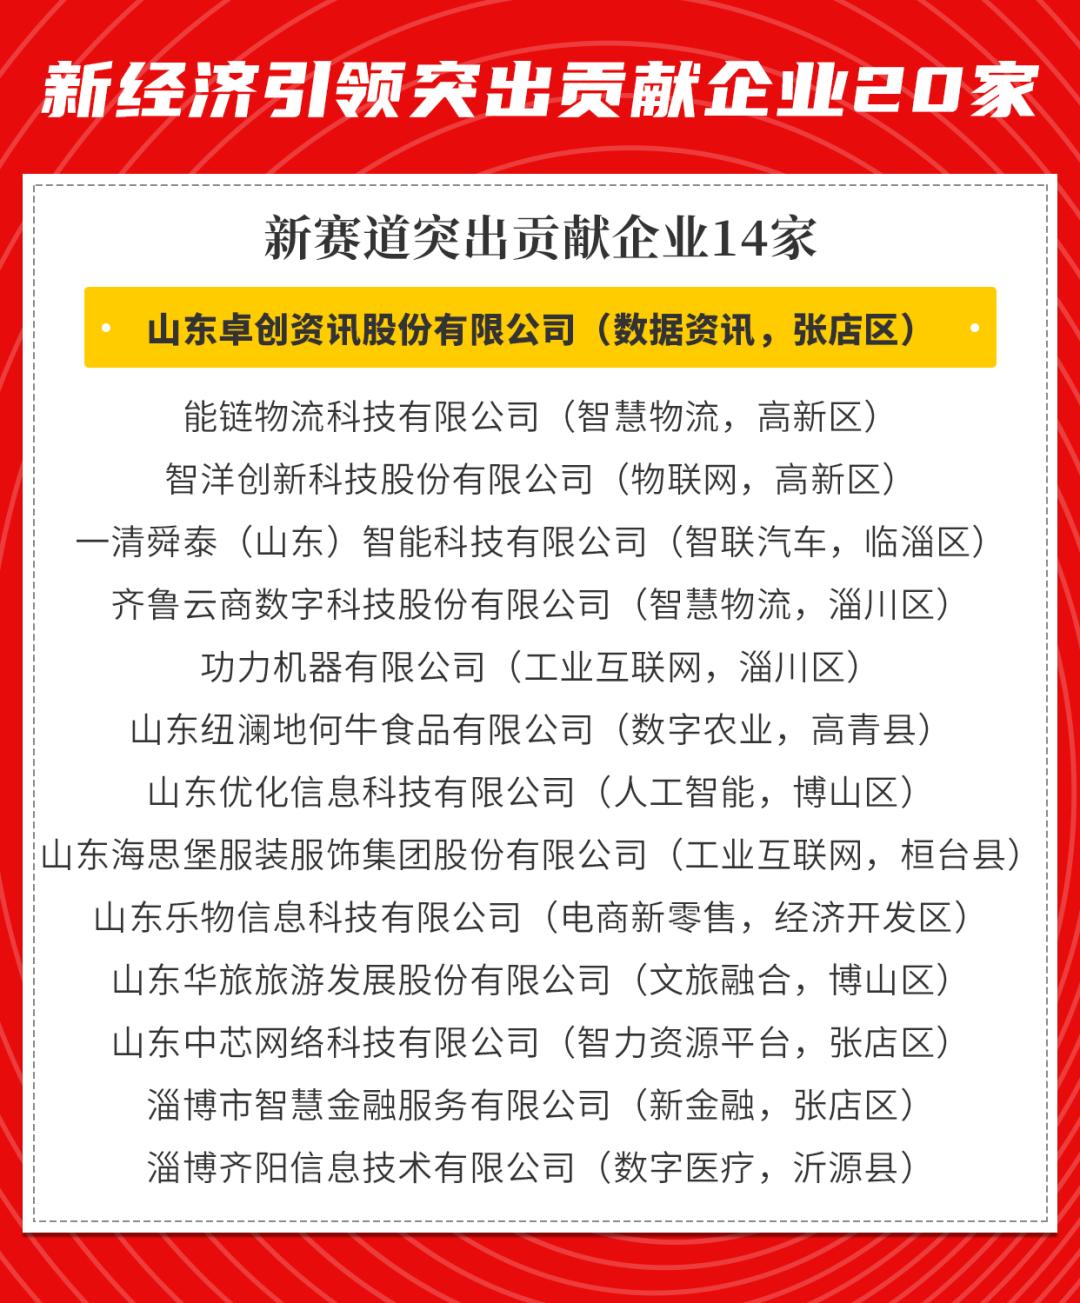 卓创资讯忝列2020年淄博市突出贡献企业名单